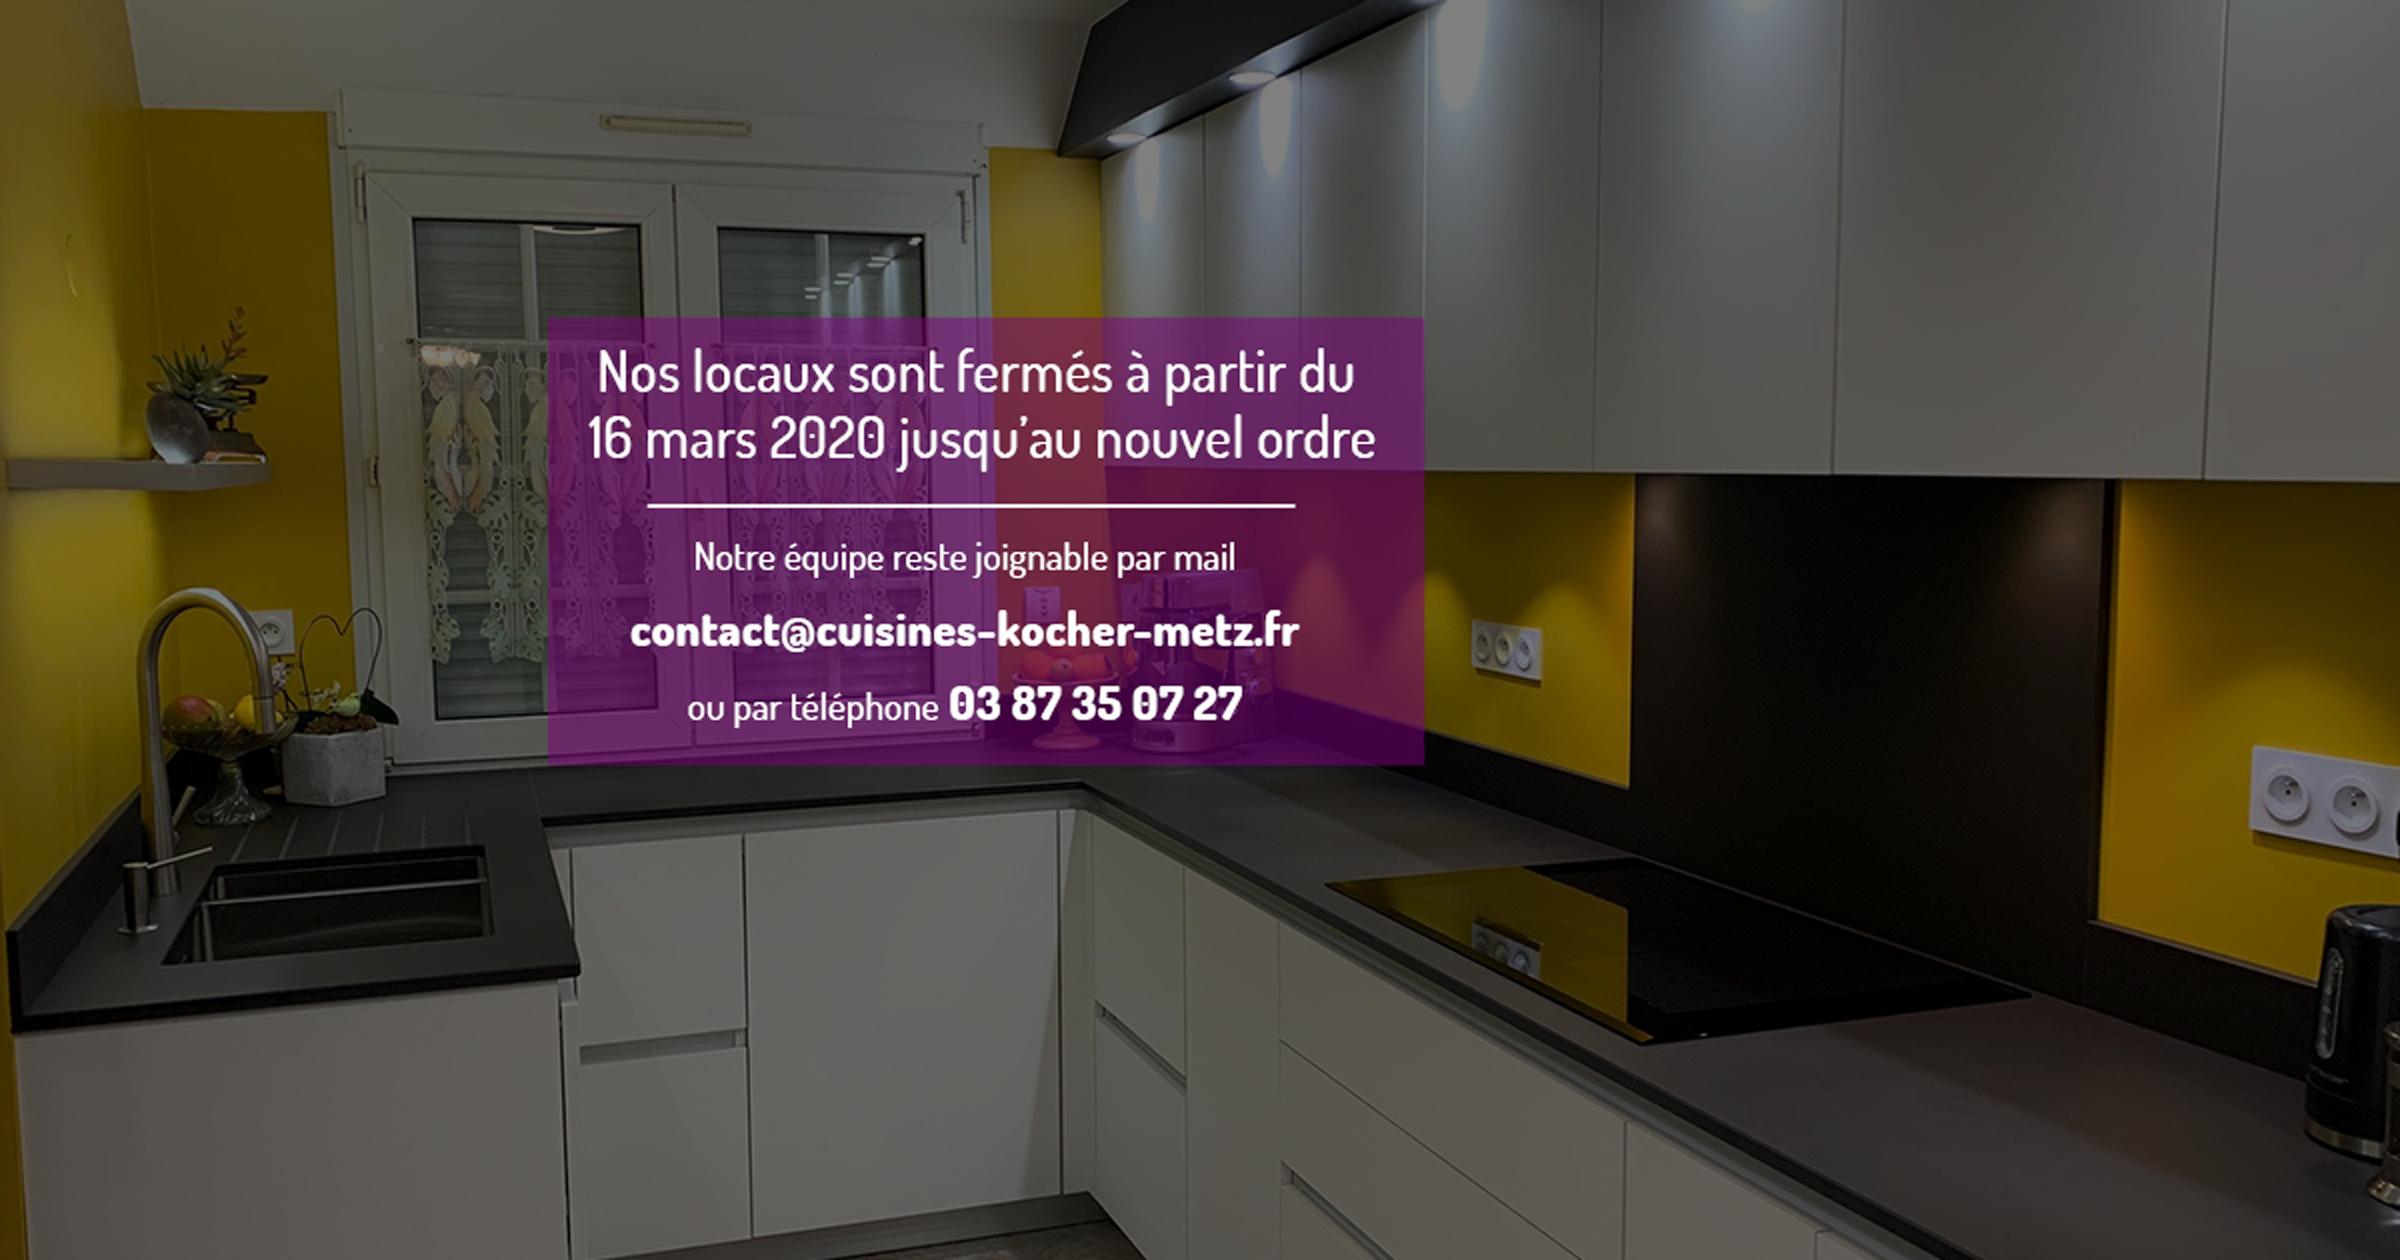 Logiciel Pour Conception Cuisine cuisine macedo kocher - vendeur et installateur de cuisines